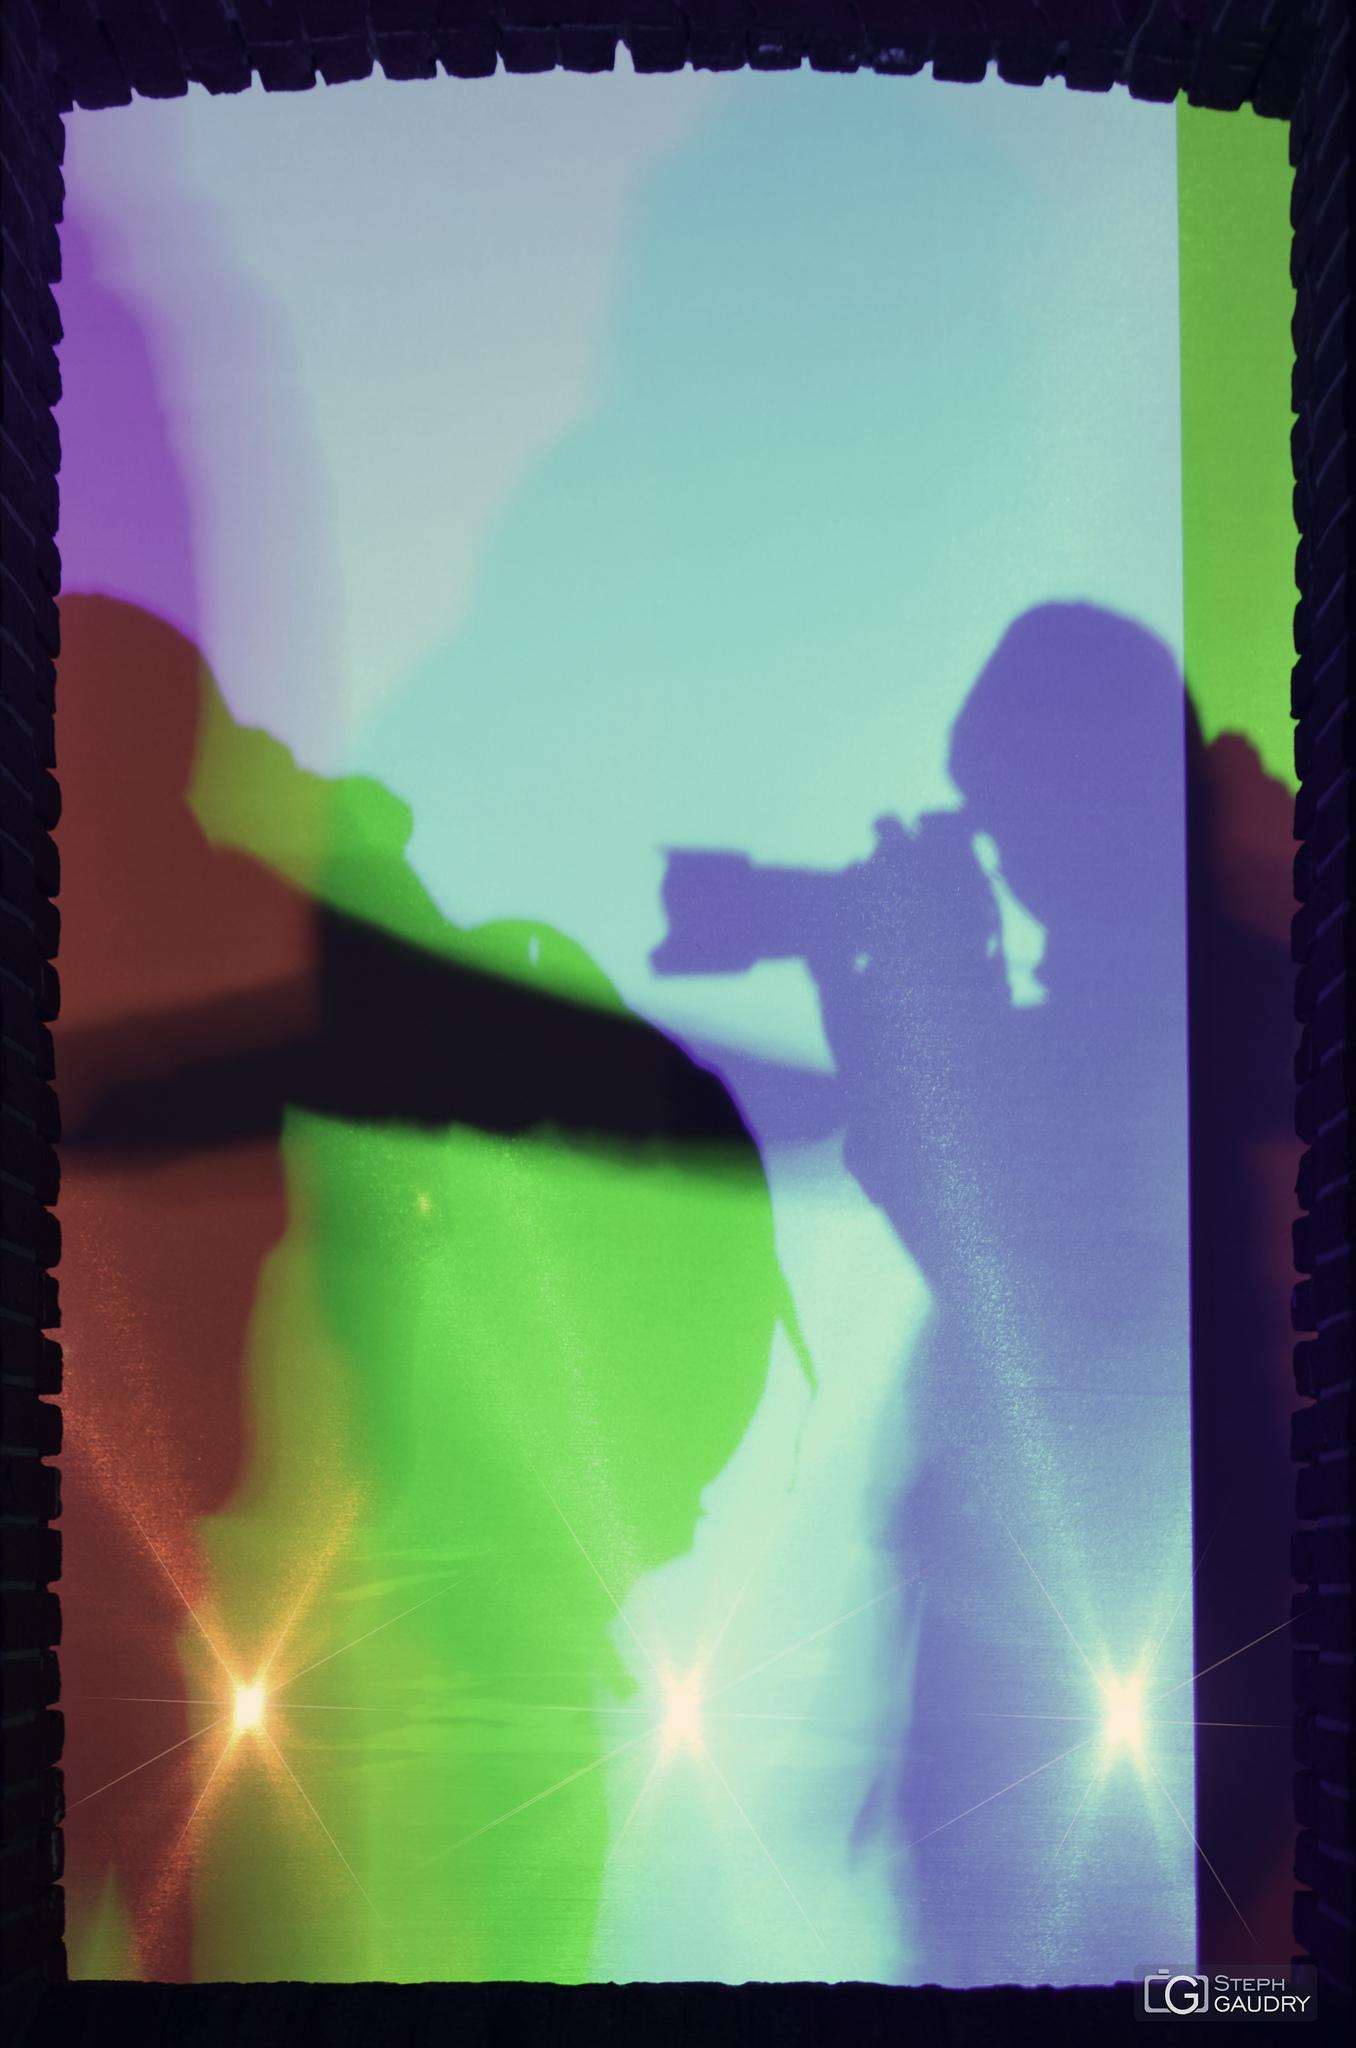 Eindhoven glow 2013 - Pop into the Puppet Theatre [Cliquez pour lancer le diaporama]